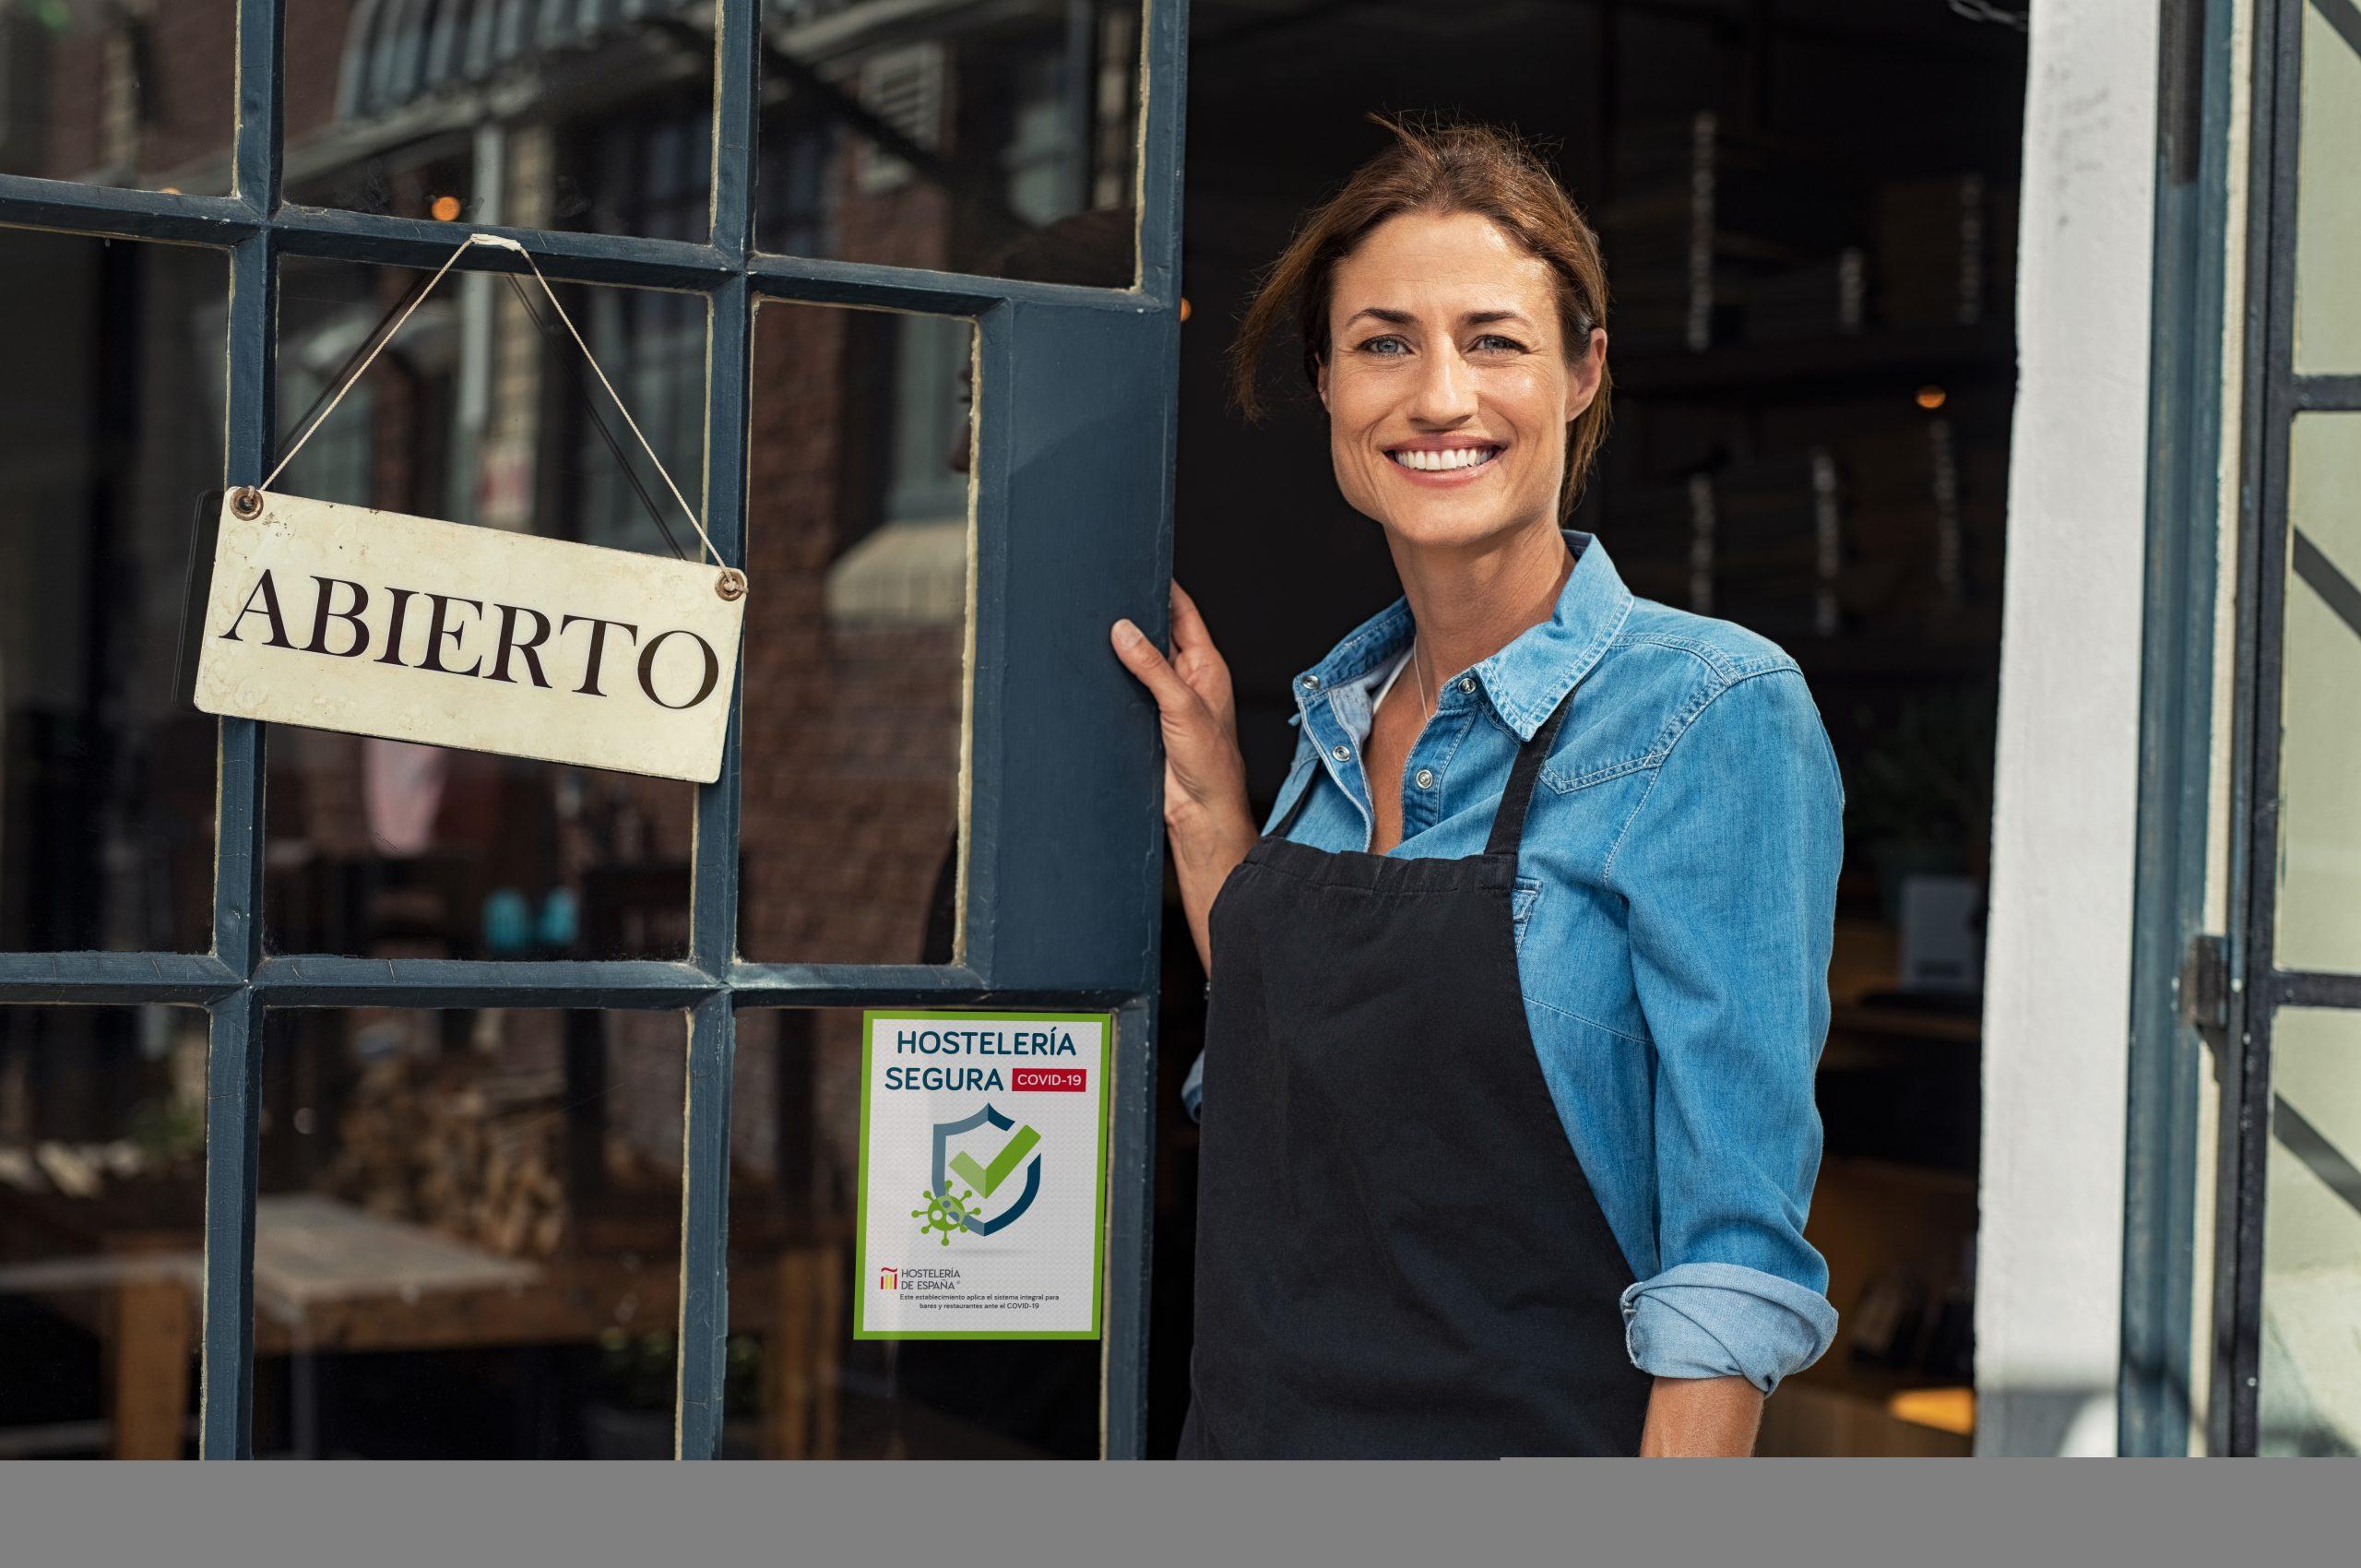 El sello 'Hostelería Segura' acreditará los establecimientos de la provincia de Alicante